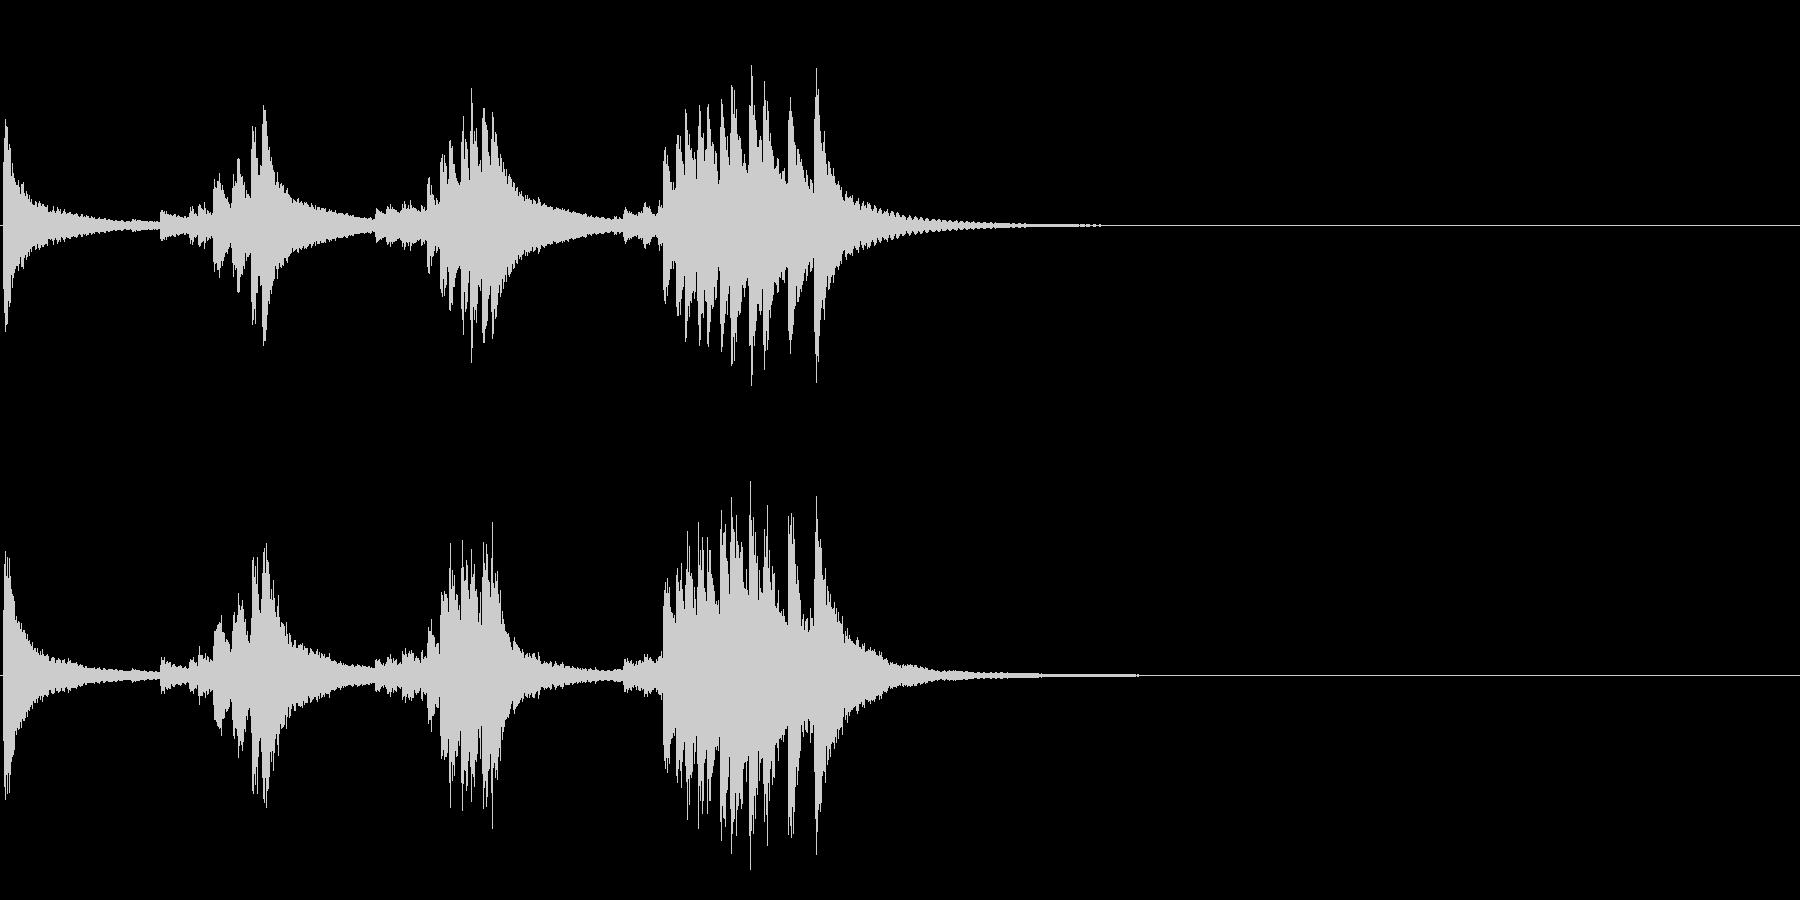 小型の鐘「本つり鐘」のフレーズ音4+Fxの未再生の波形